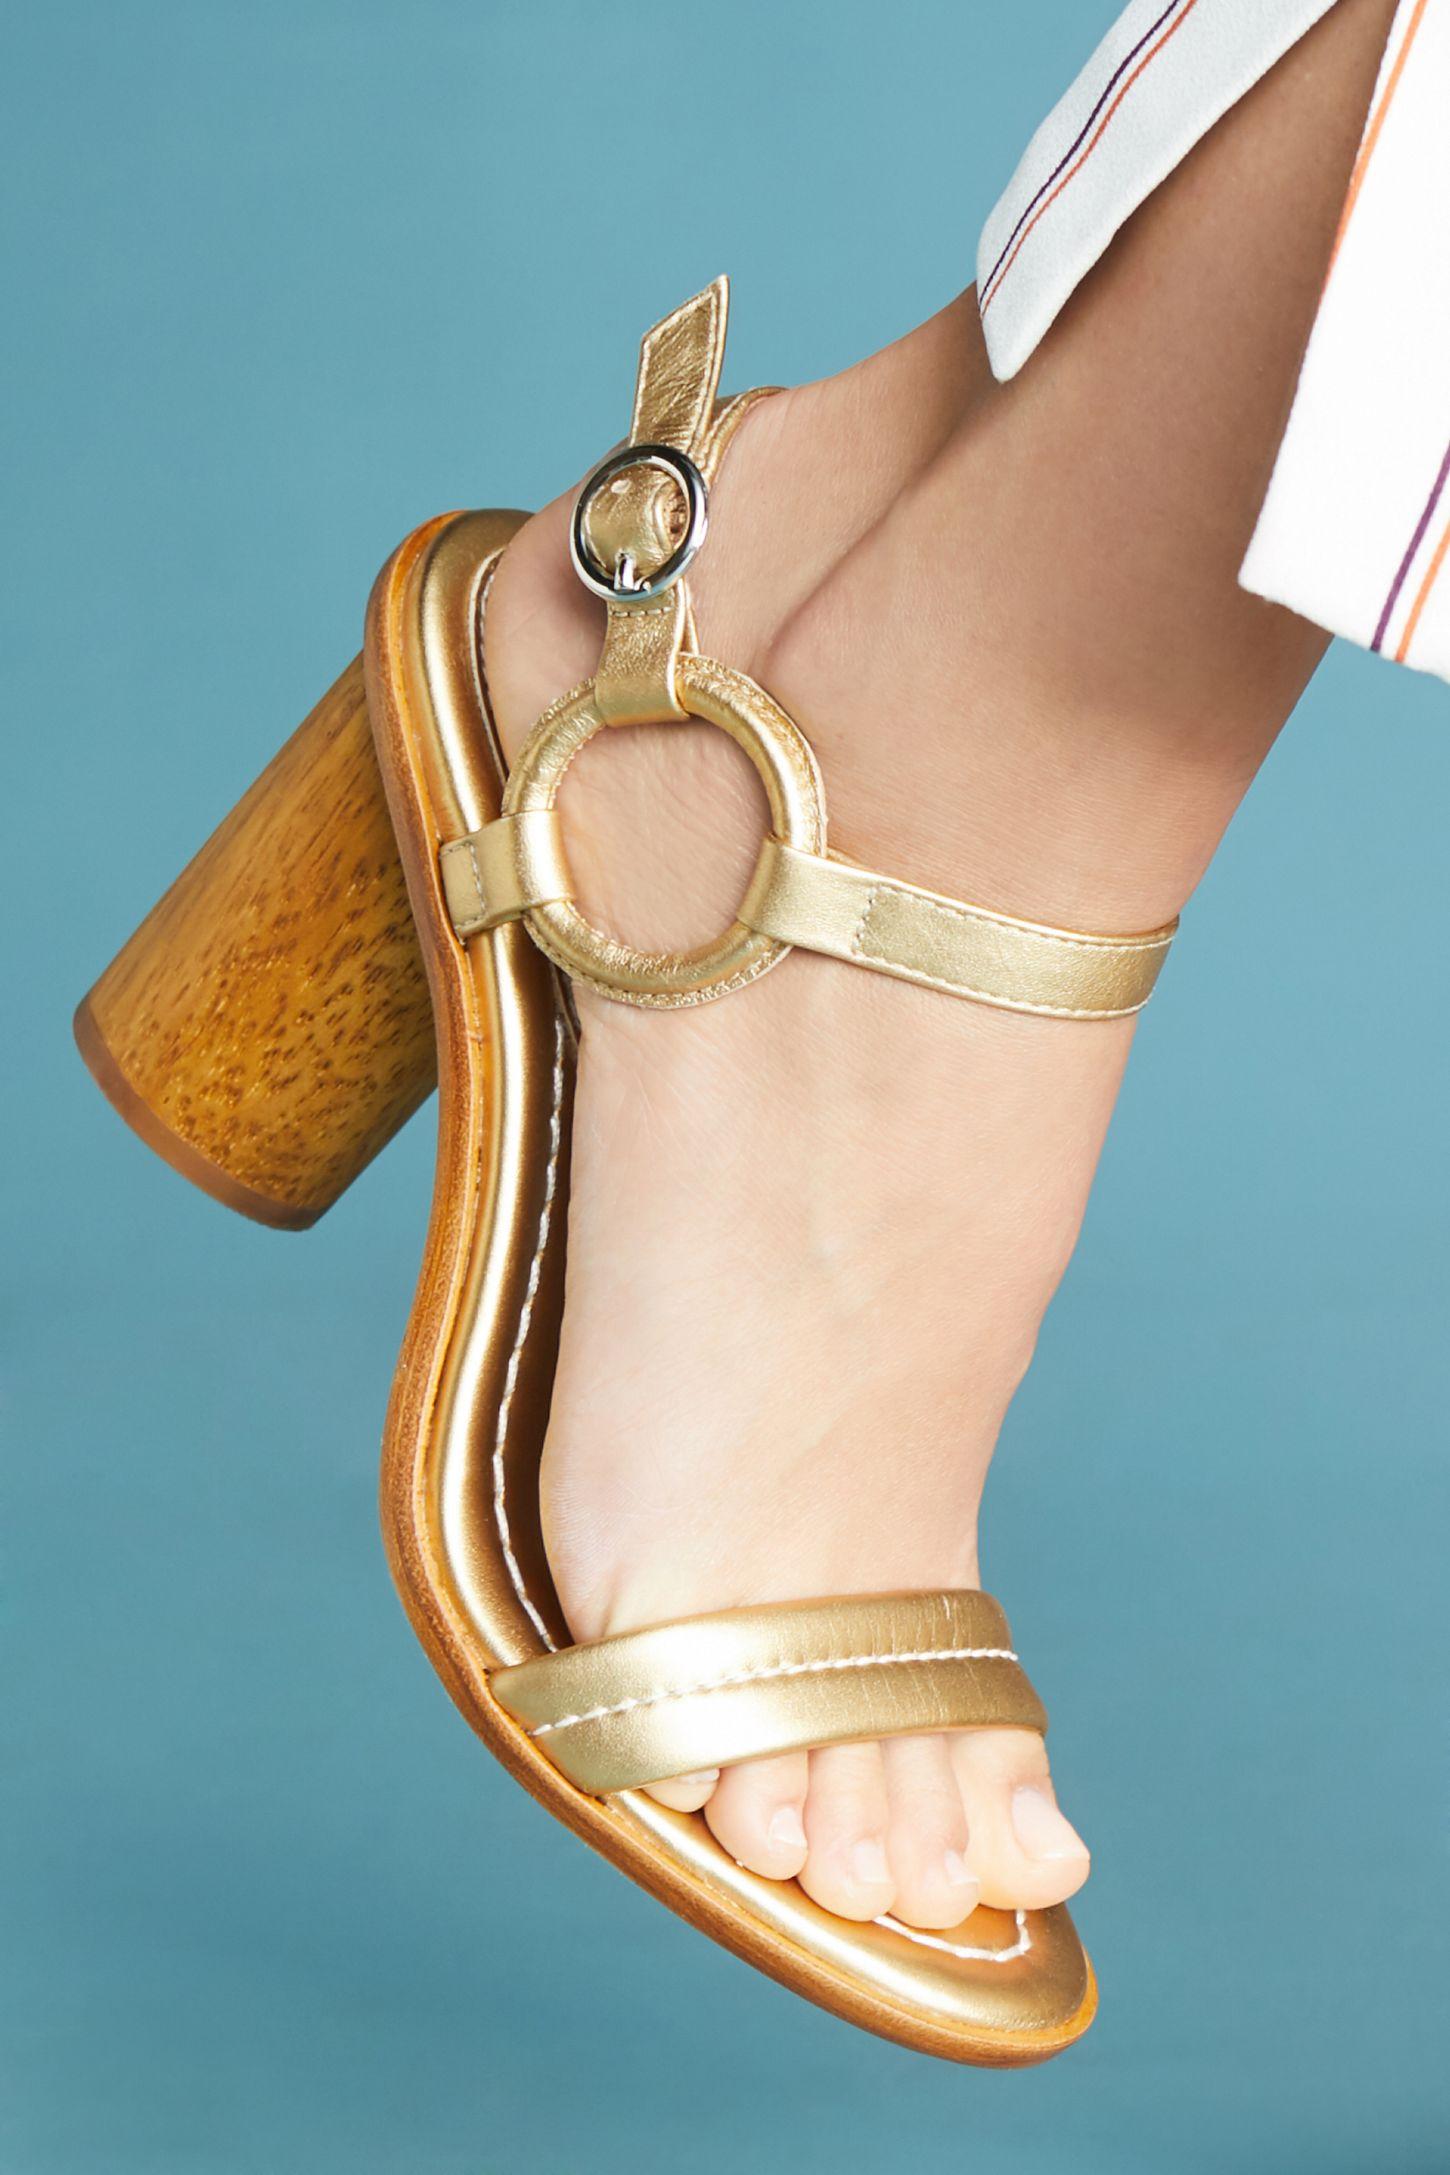 660528e66e01 Bernardo Harlow Heeled Sandals